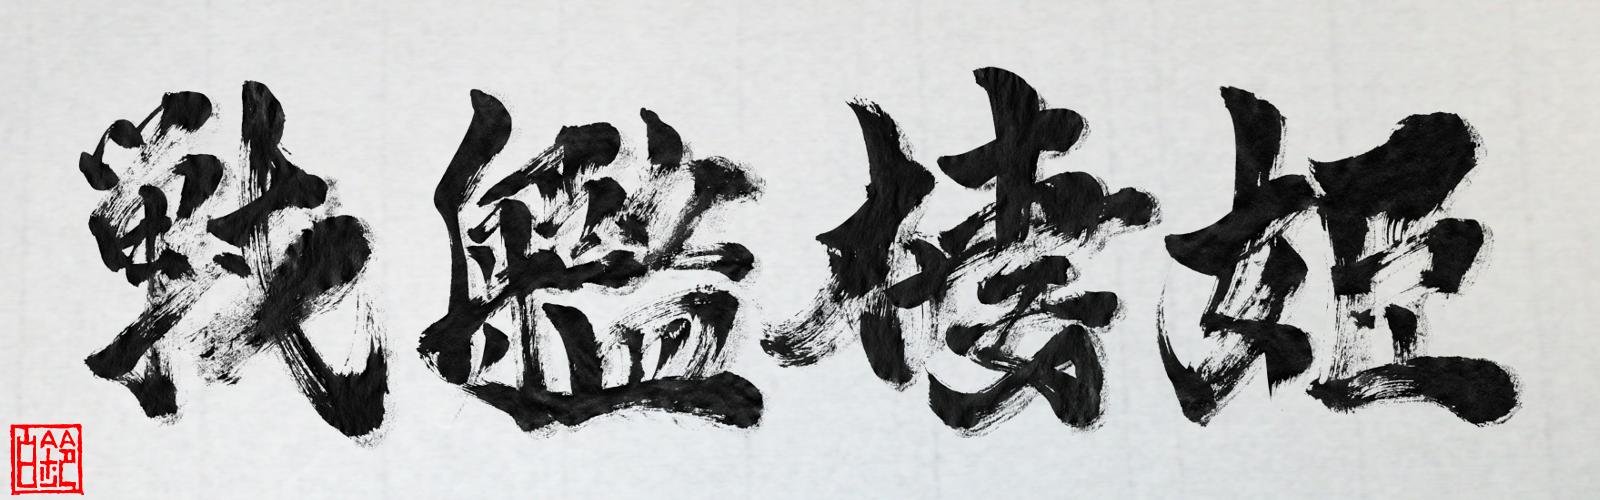 270207-2senkanseiki_onedrow.png